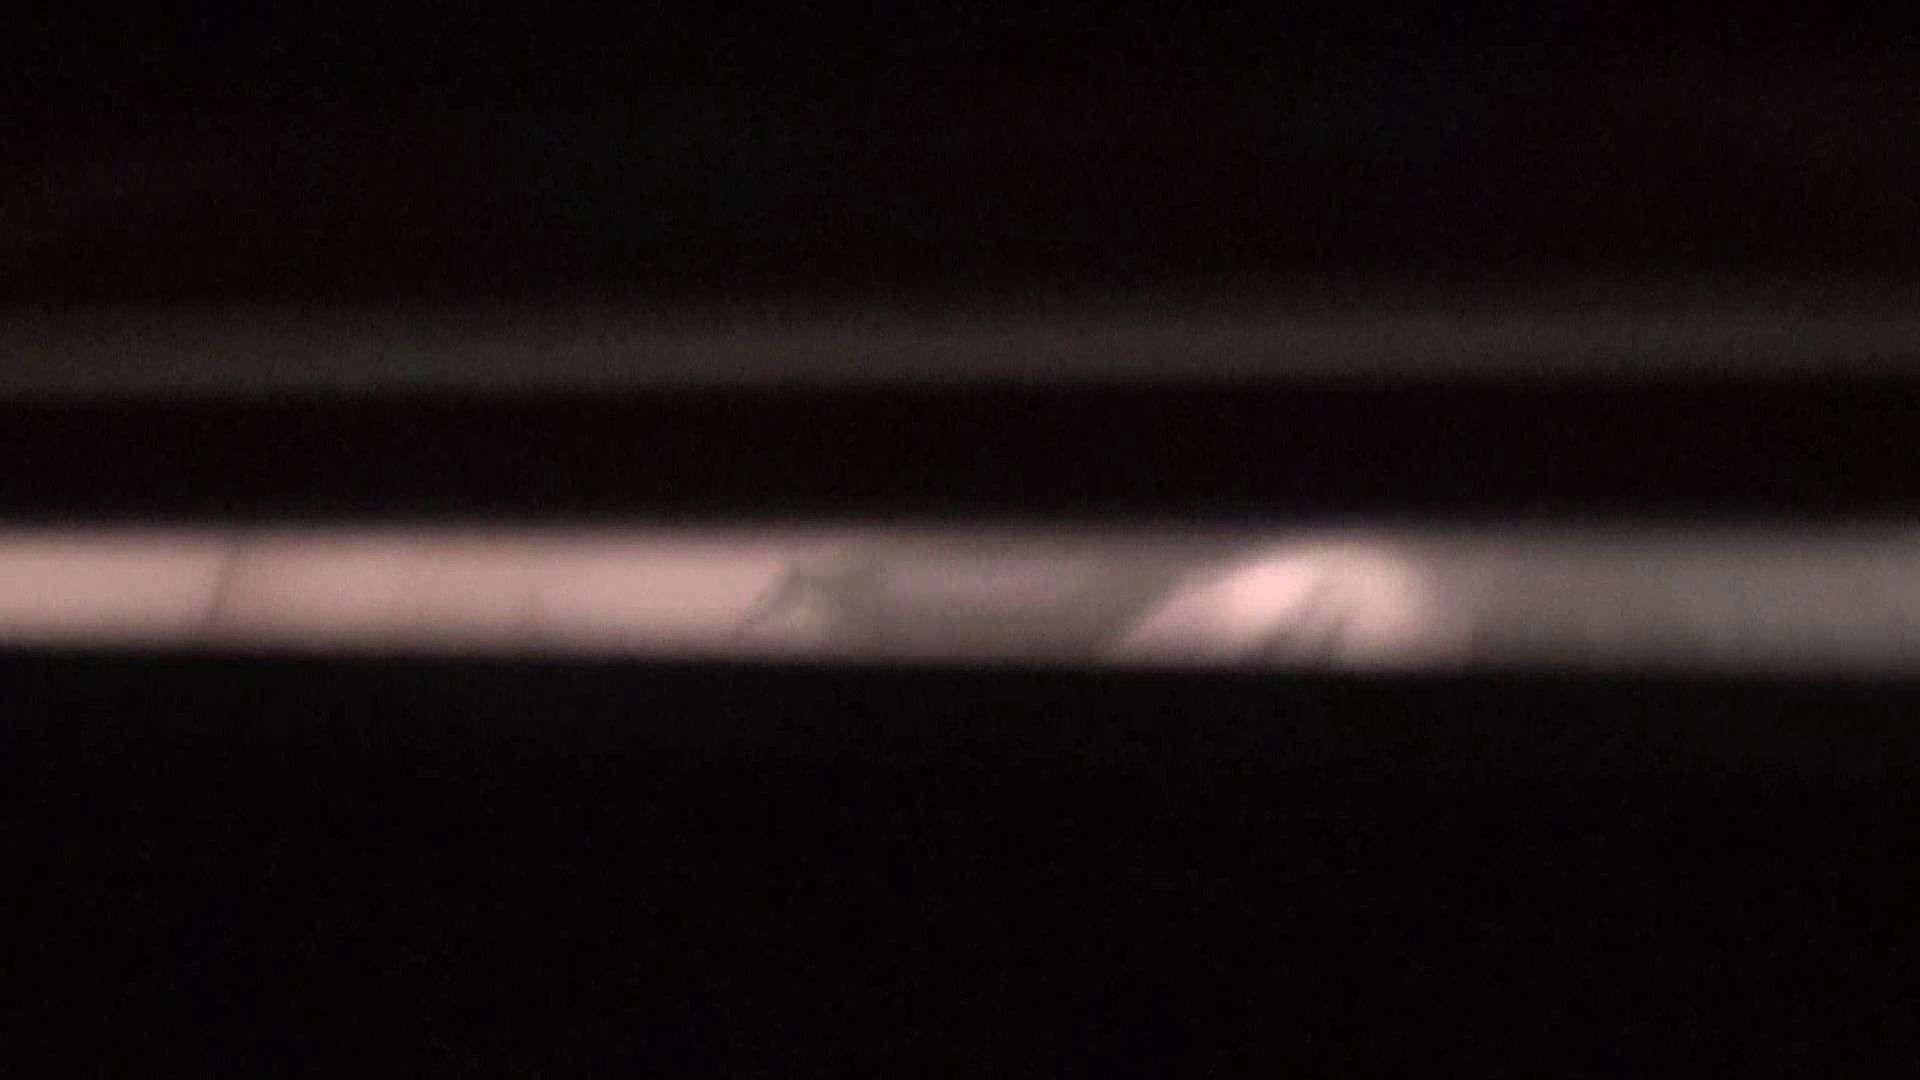 民家の騎士さんの最後の性戦ハイビジョン!!No.48 覗き オメコ無修正動画無料 38連発 32